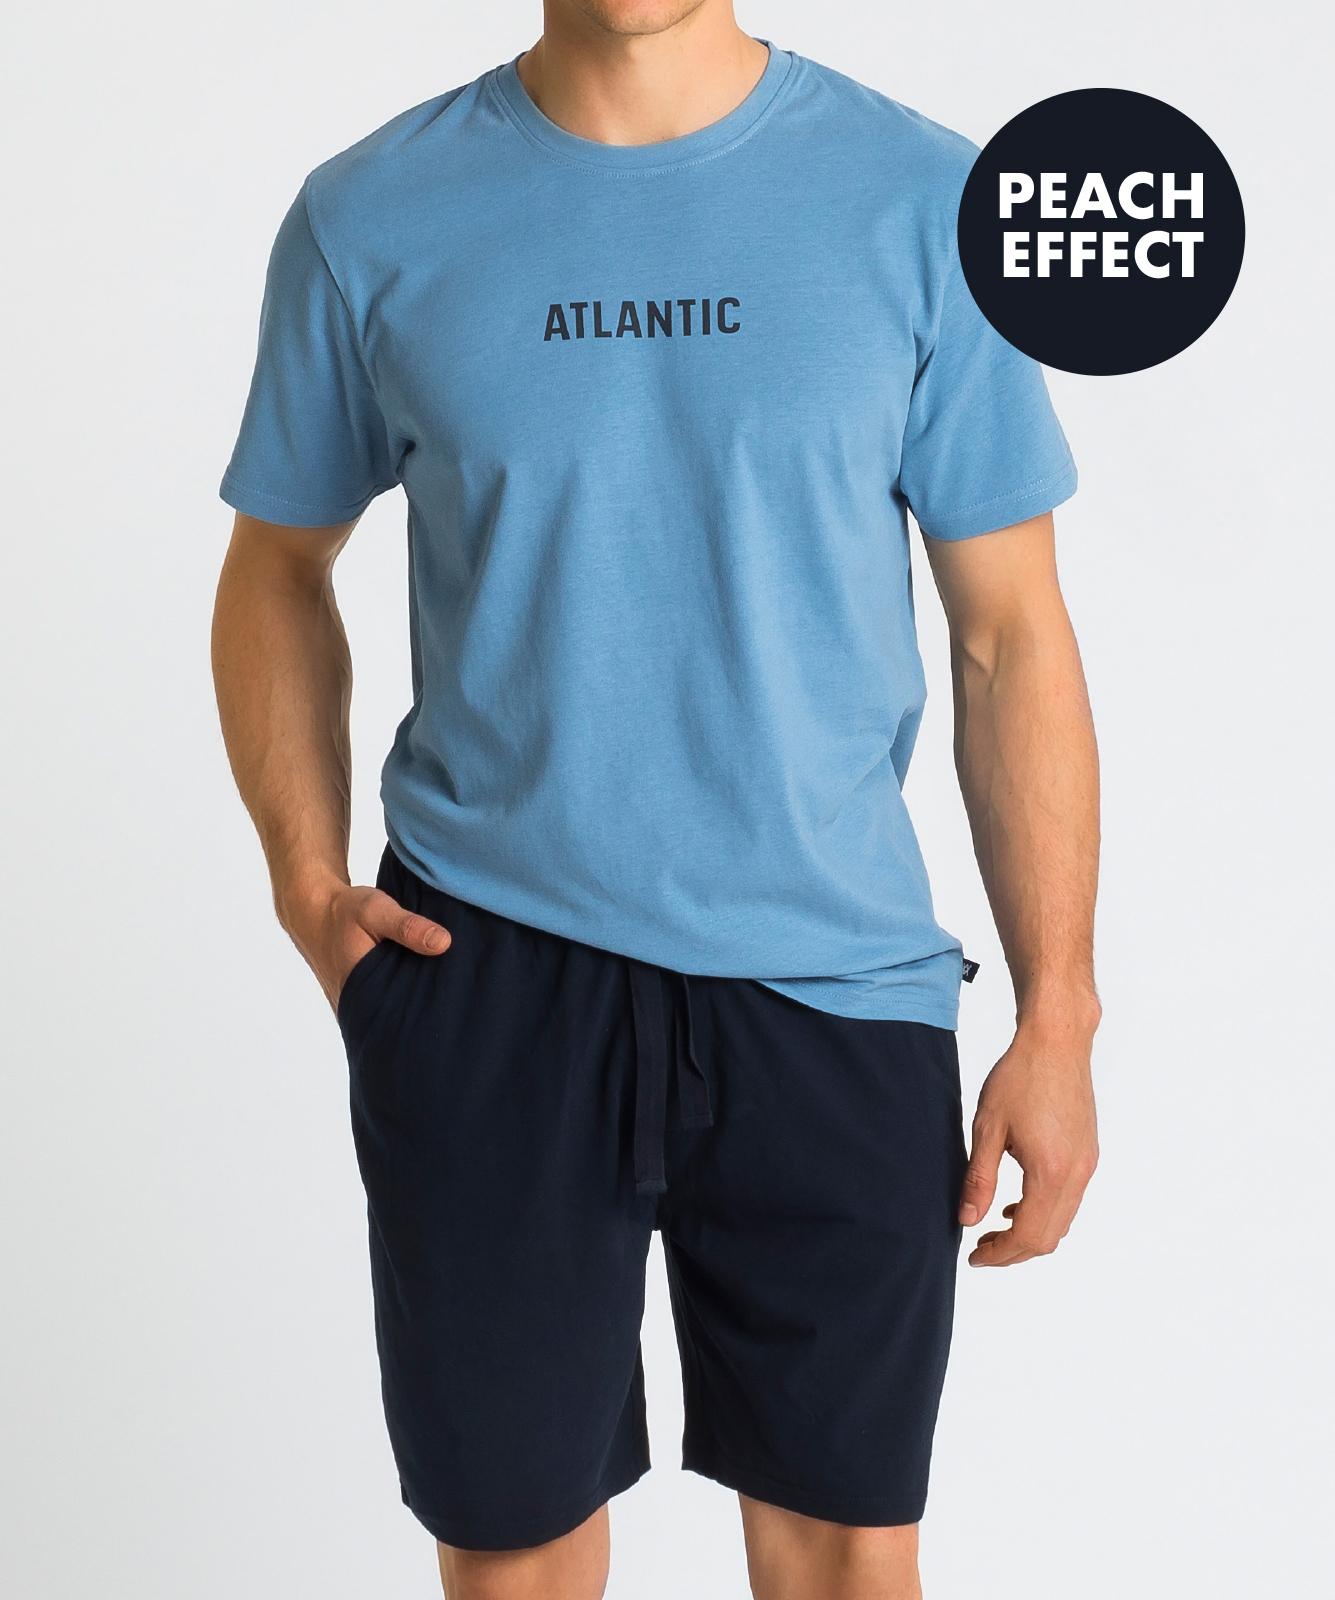 Мужская пижама Atlantic, 1 шт. в уп., хлопок, голубая, NMP-346